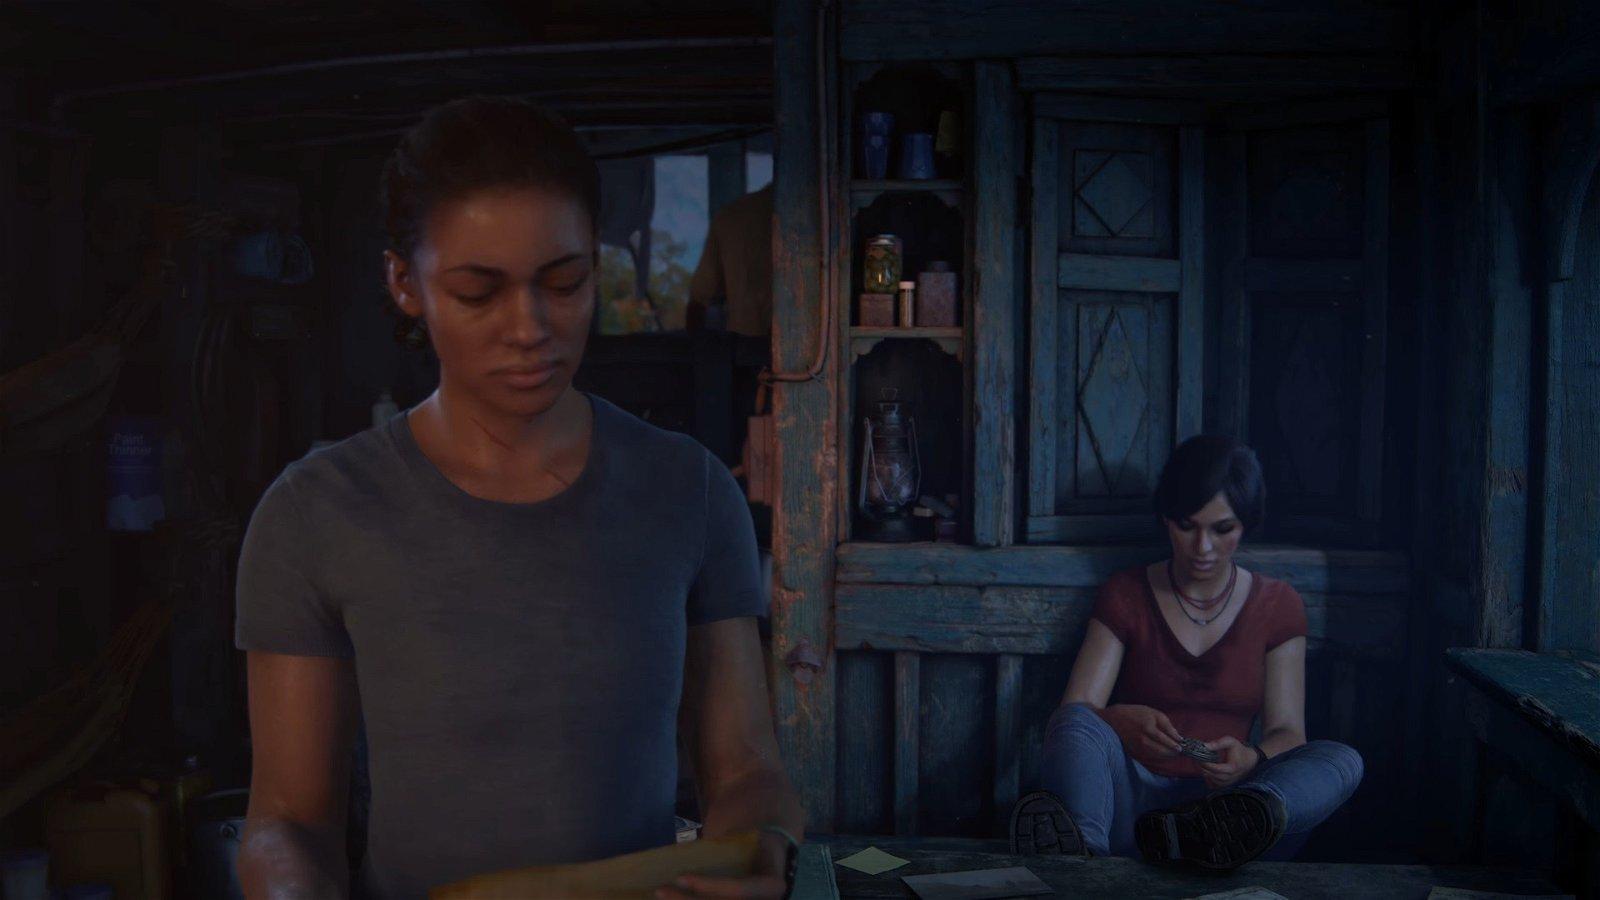 Uncharted: El Legado Perdido promete ser mucho más que una simple expansión de Uncharted 4